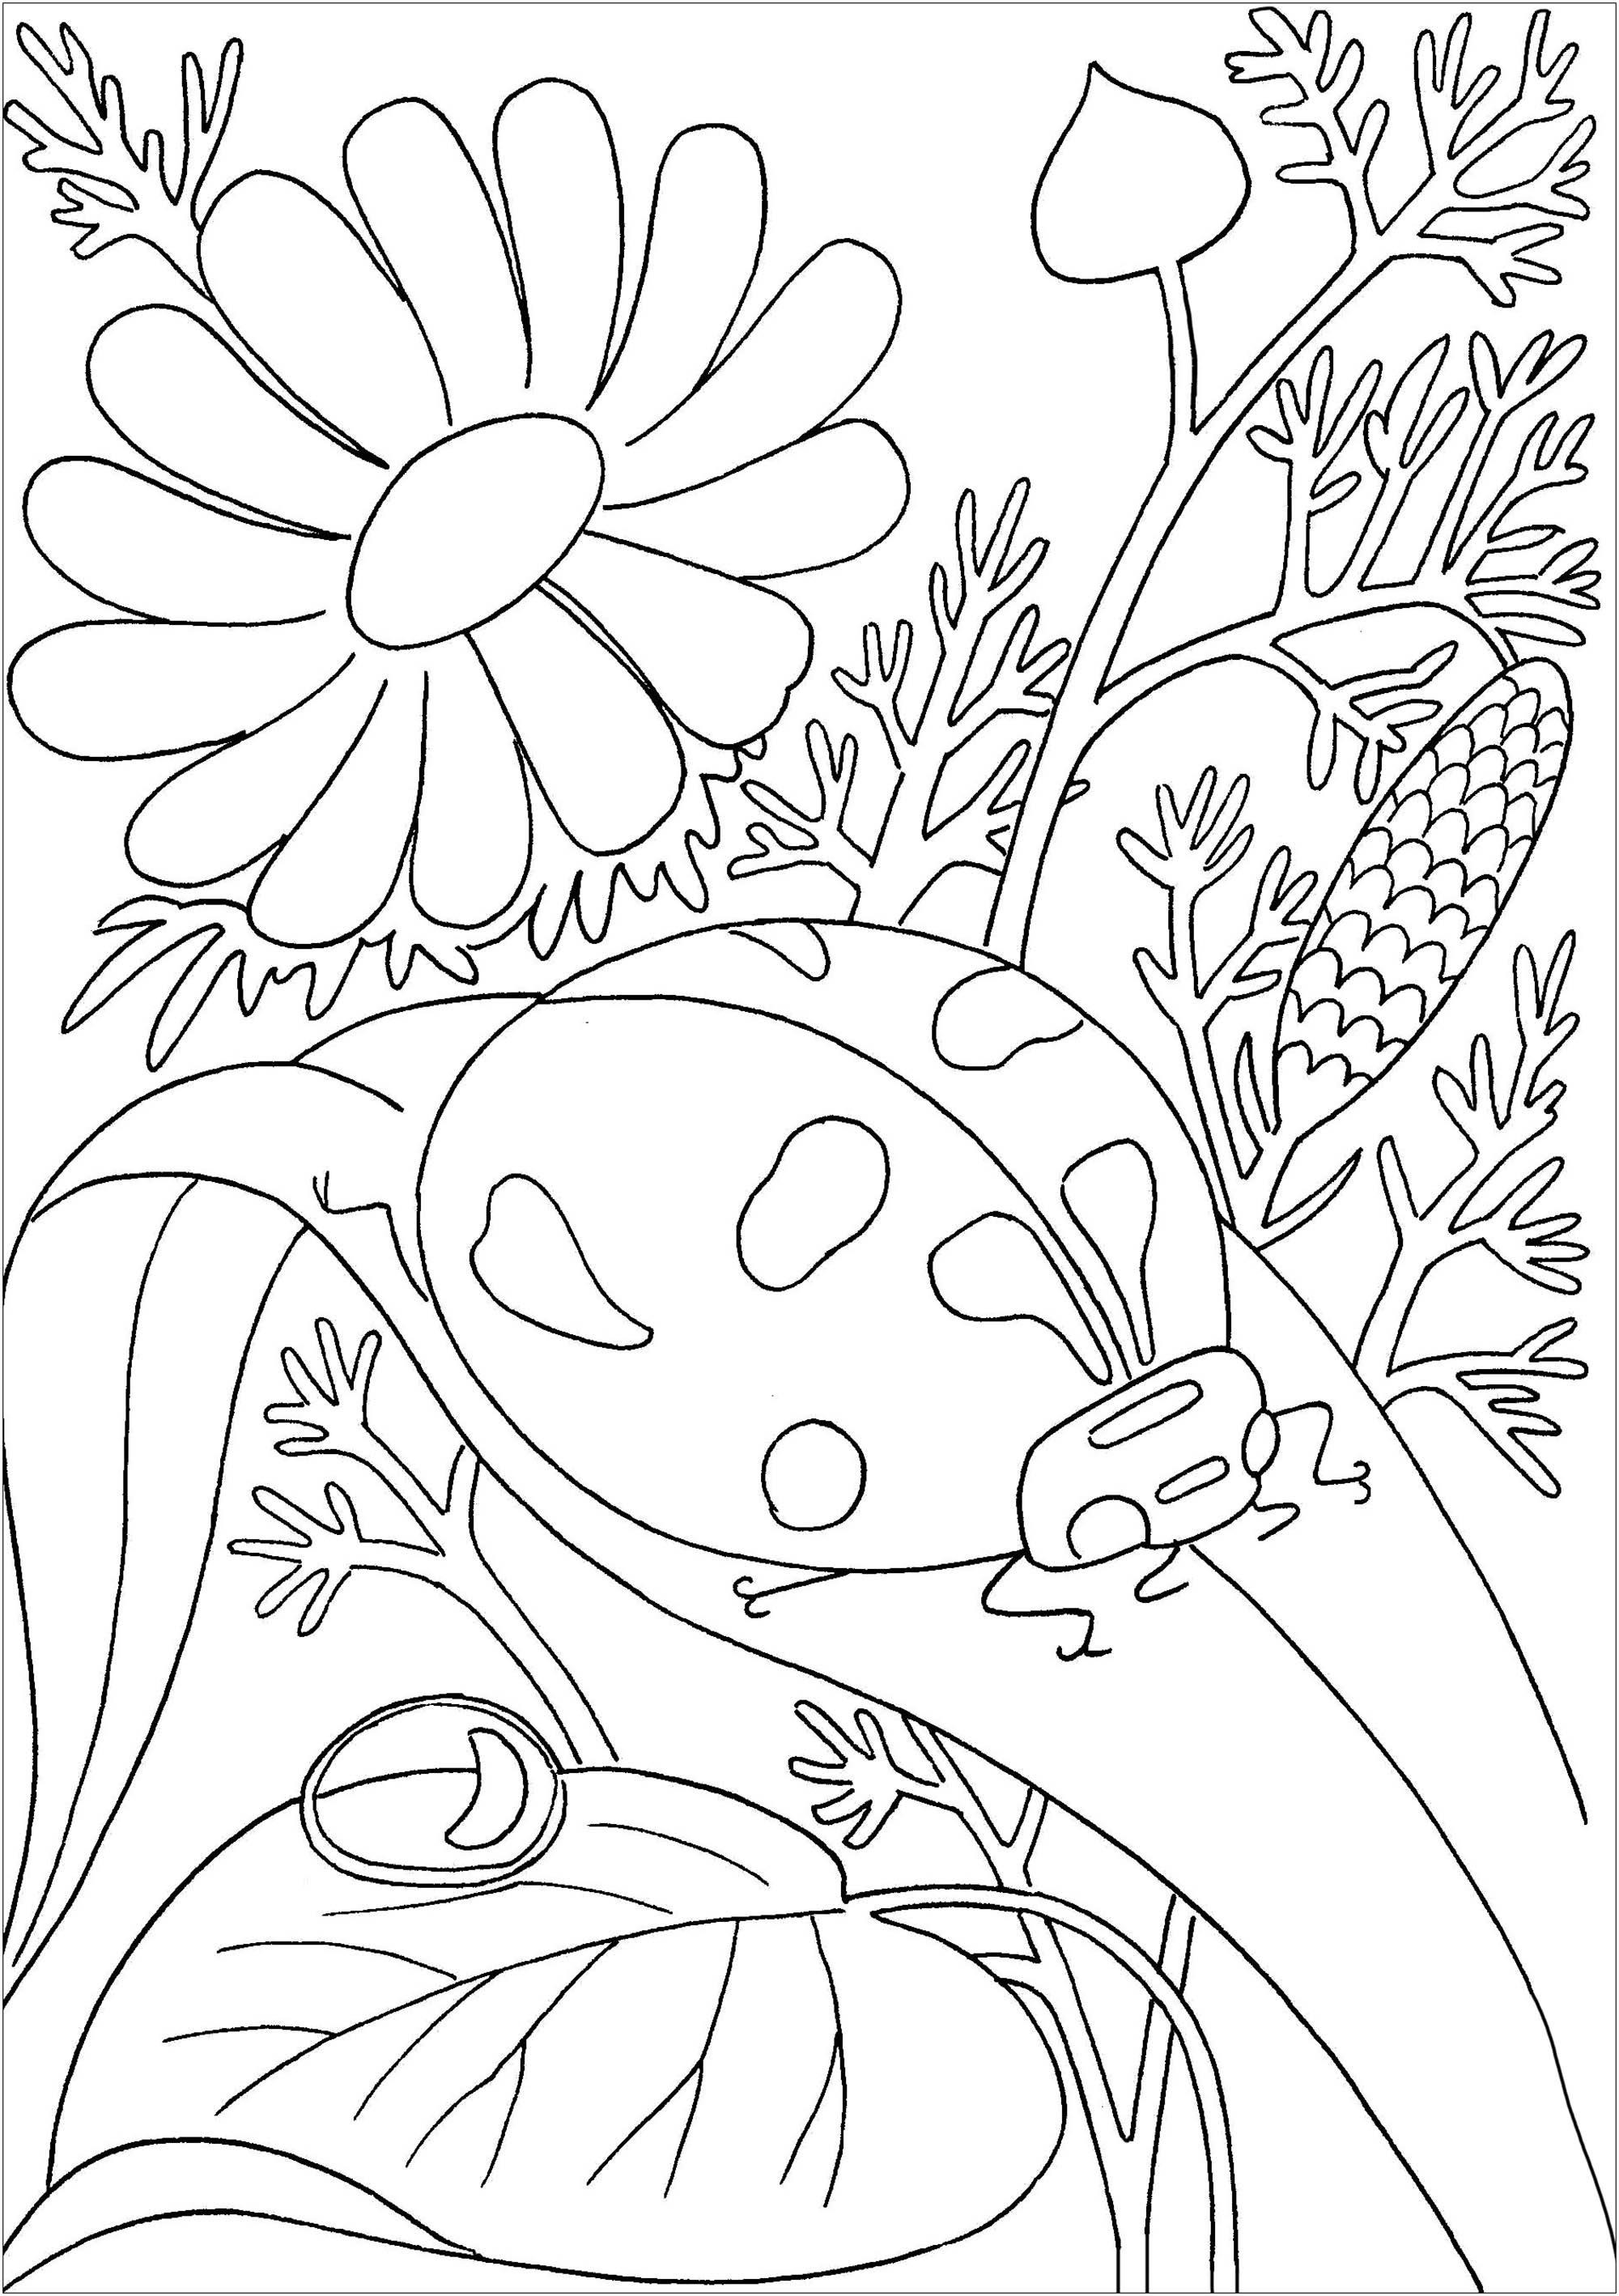 Jolie coccinelle dans une végétation variée et agréable